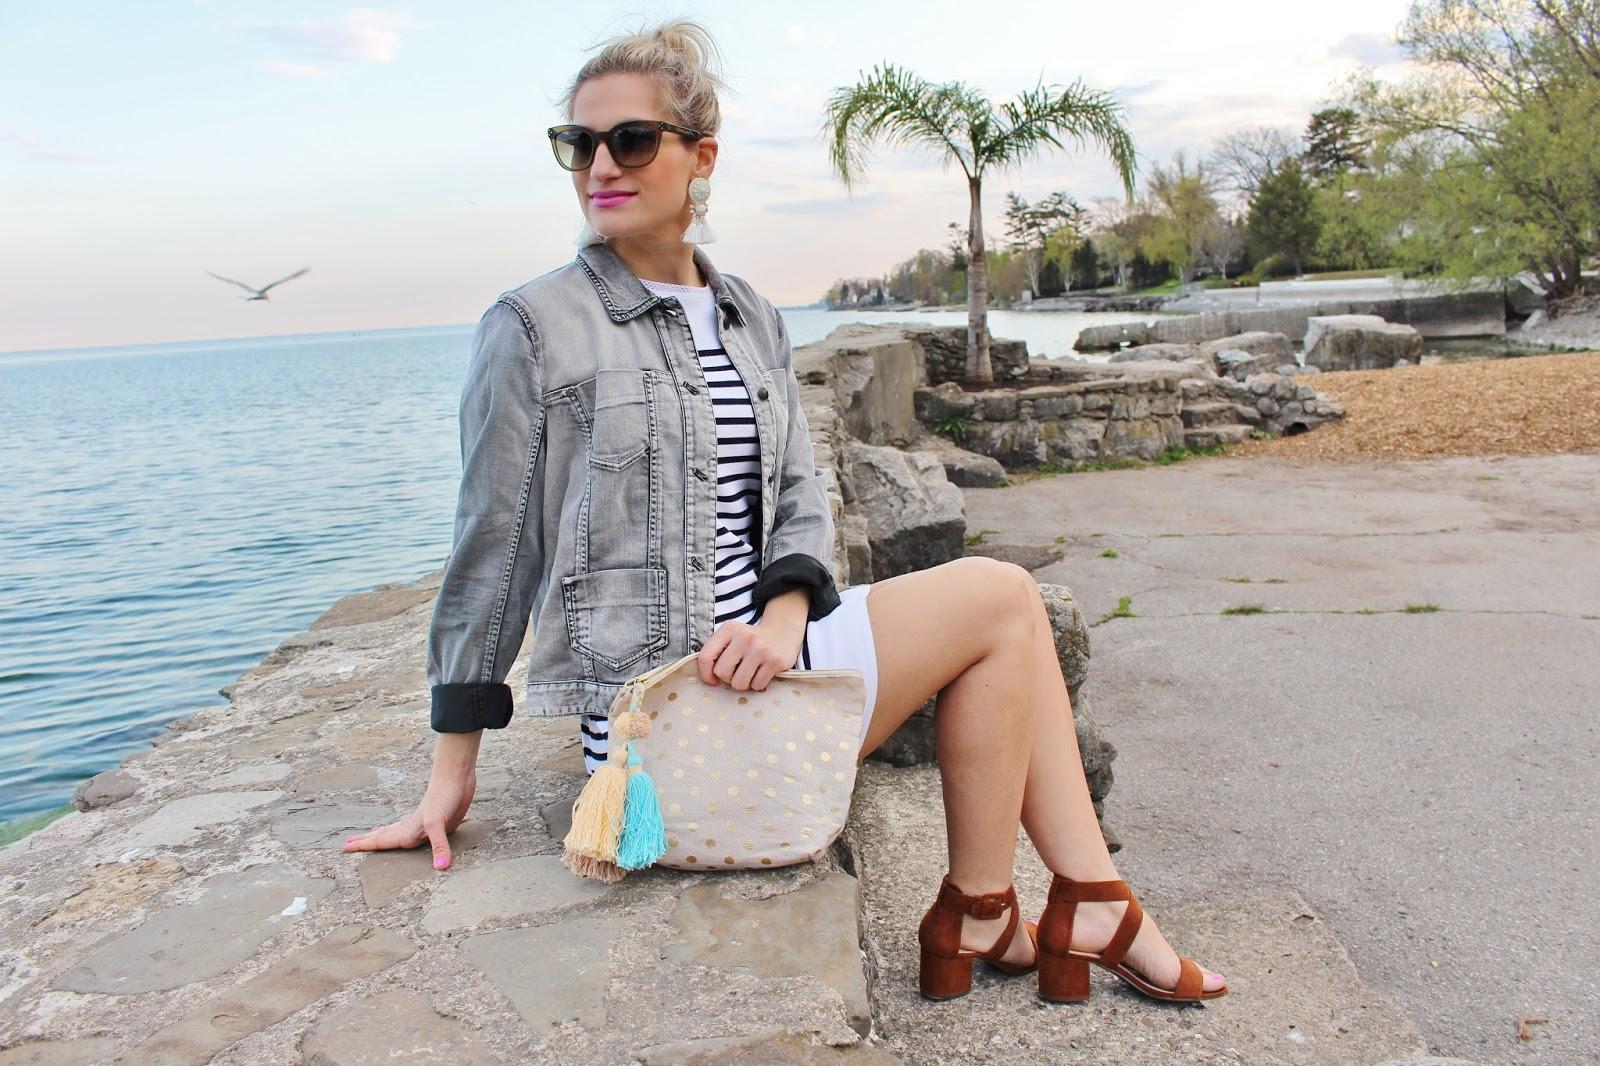 Bijuleni- Greek island daytime outfit